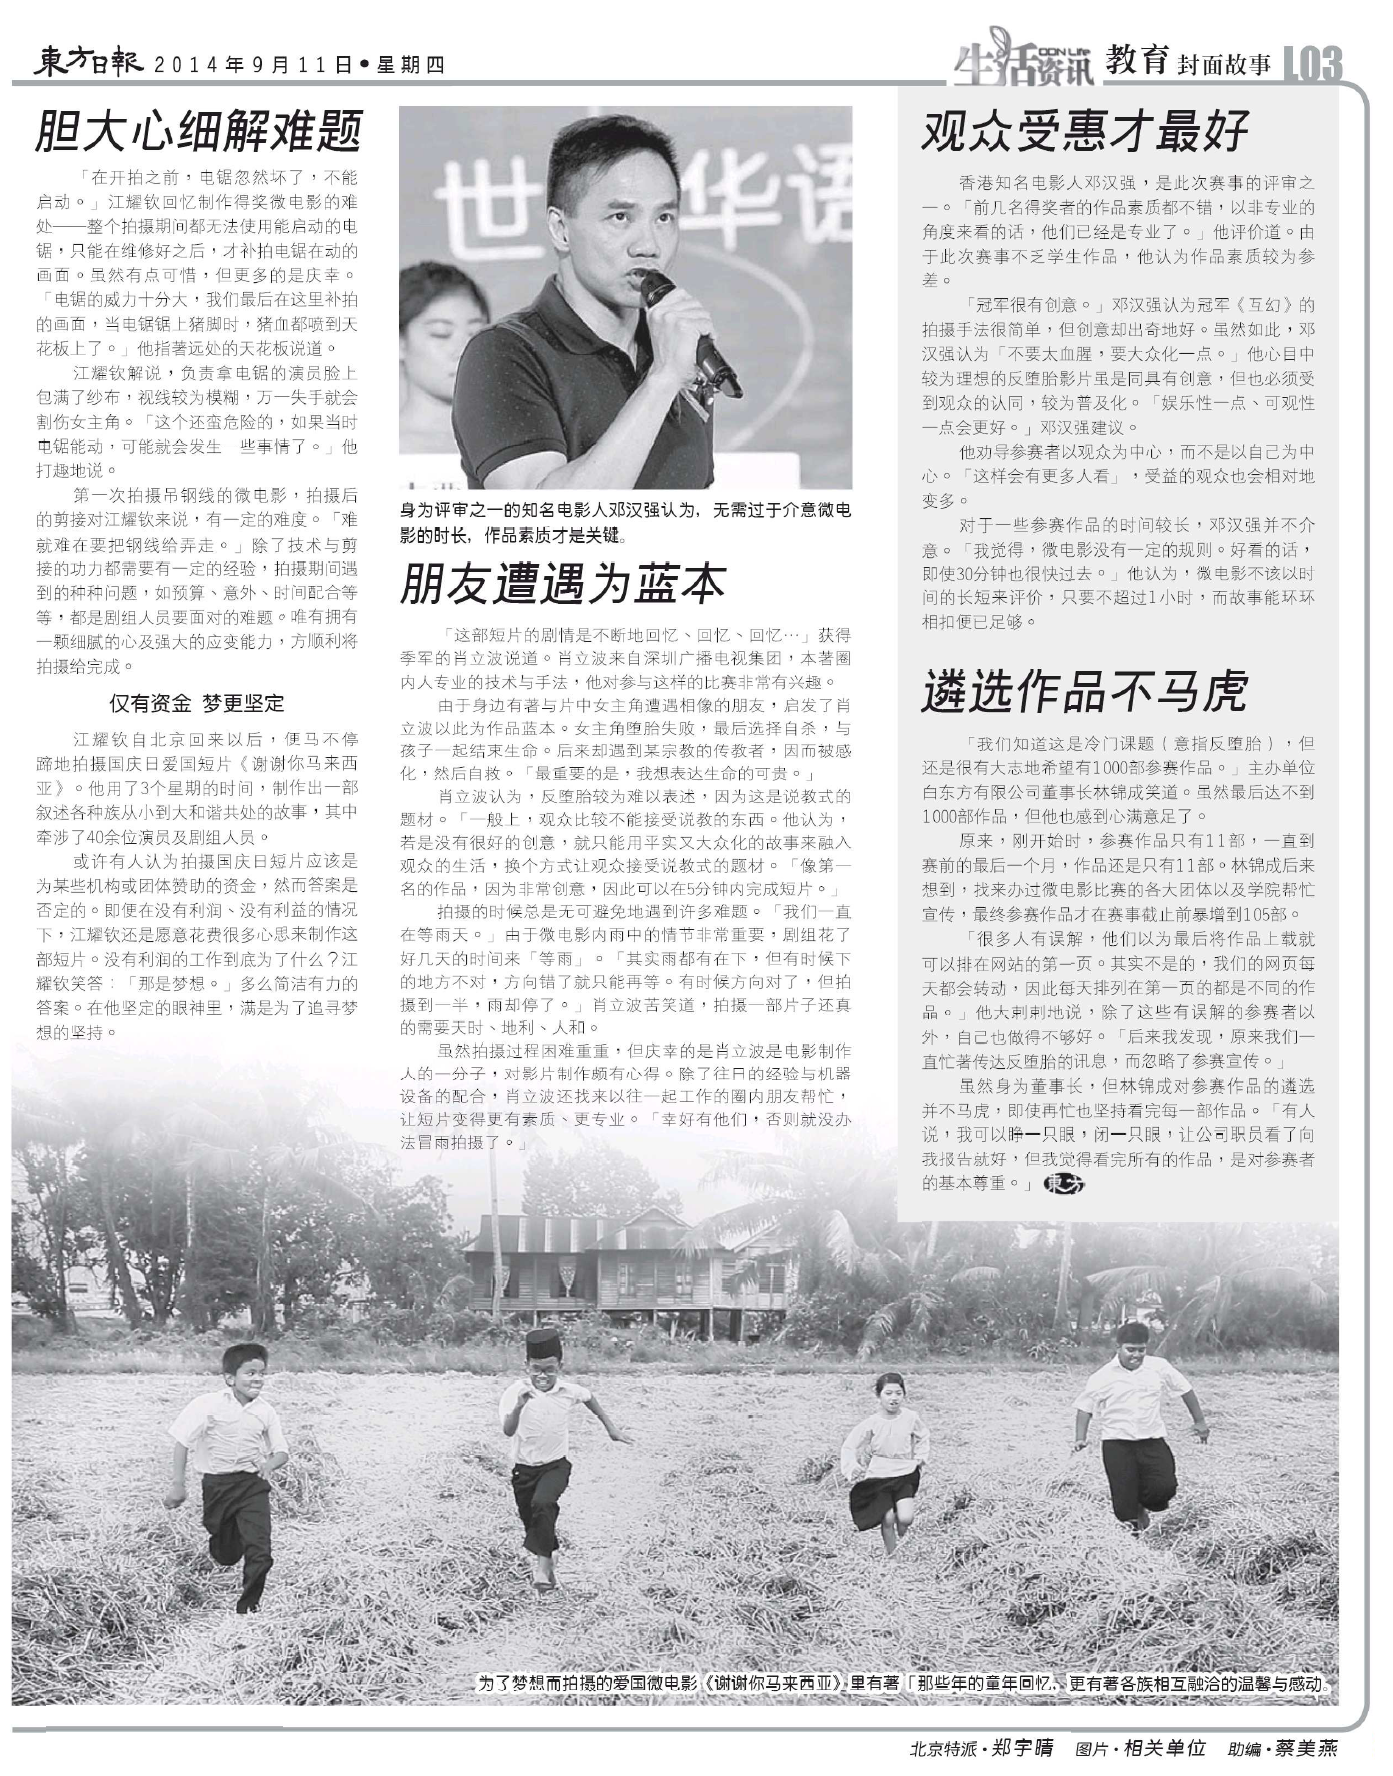 通过『世界华语微电影比赛』挽救每天被堕掉的120,000个无辜小生命! 15019745689_1ee1ab5a78_o